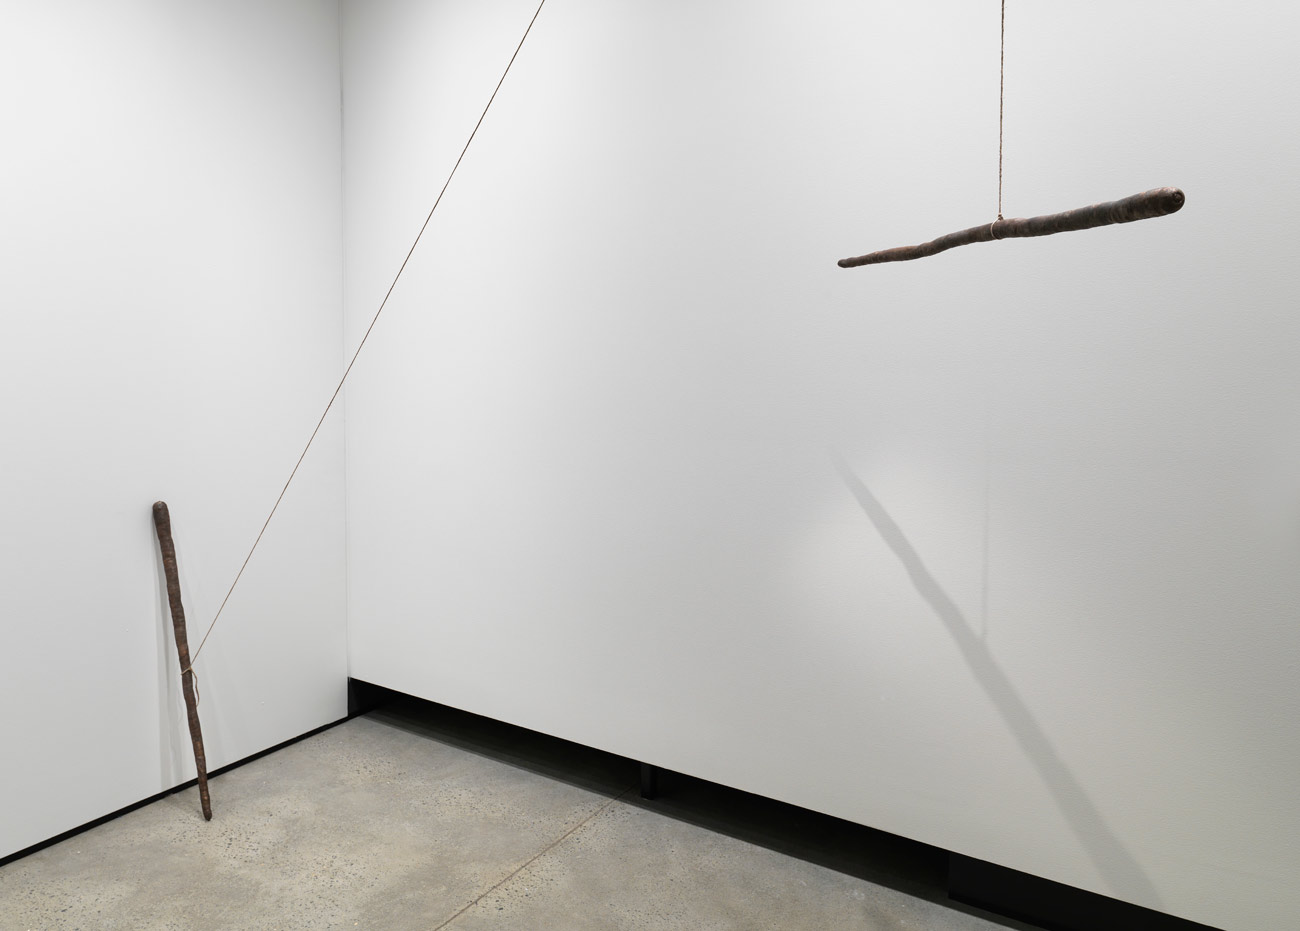 sam-porritt-carrot-shaped-stick-2013